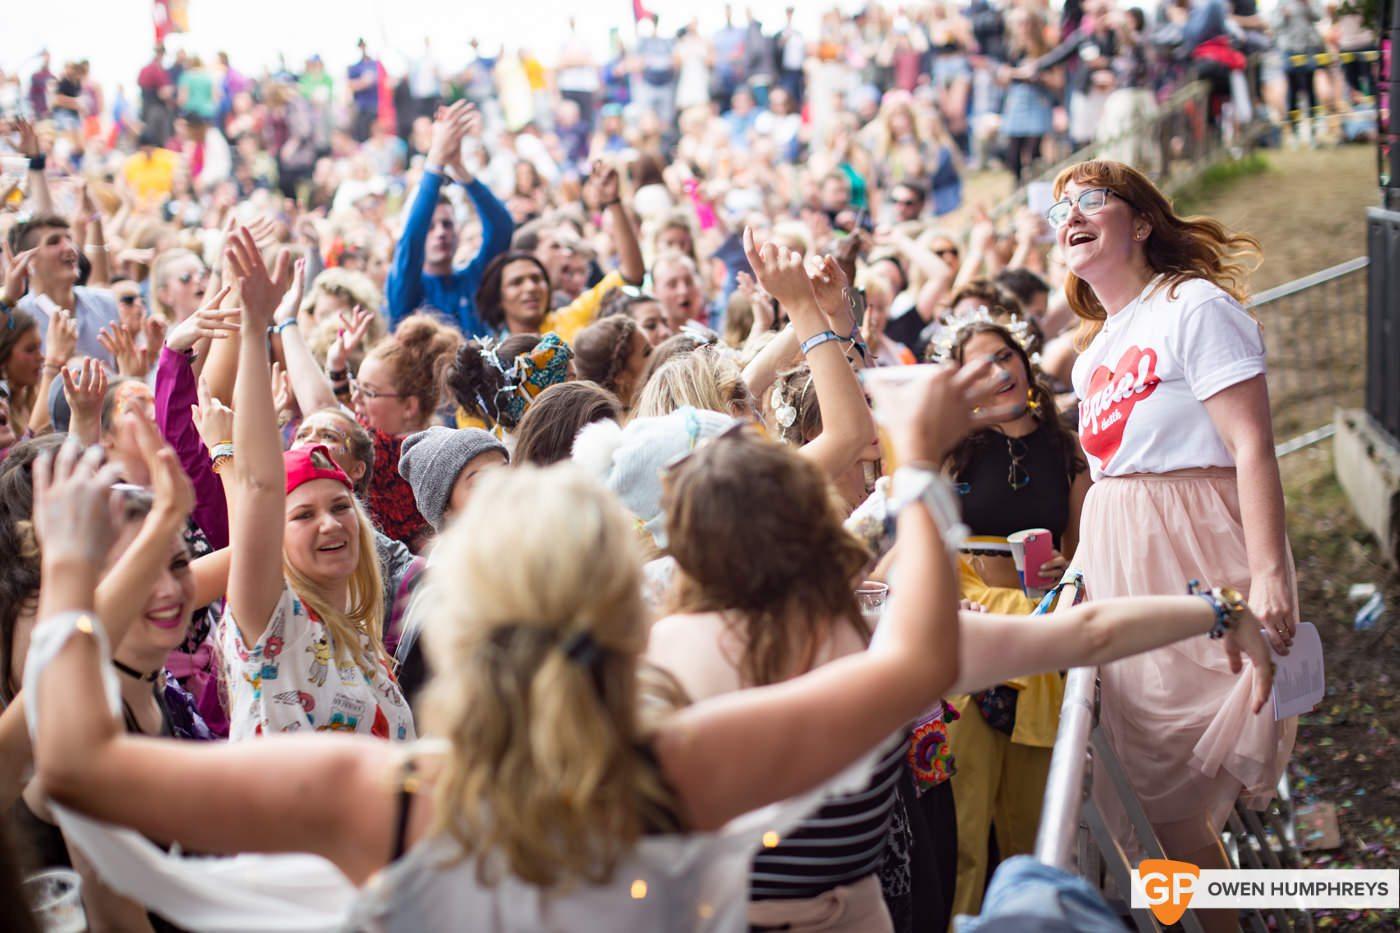 Sing Along Social at Electric Picnic by Owen Humphreys